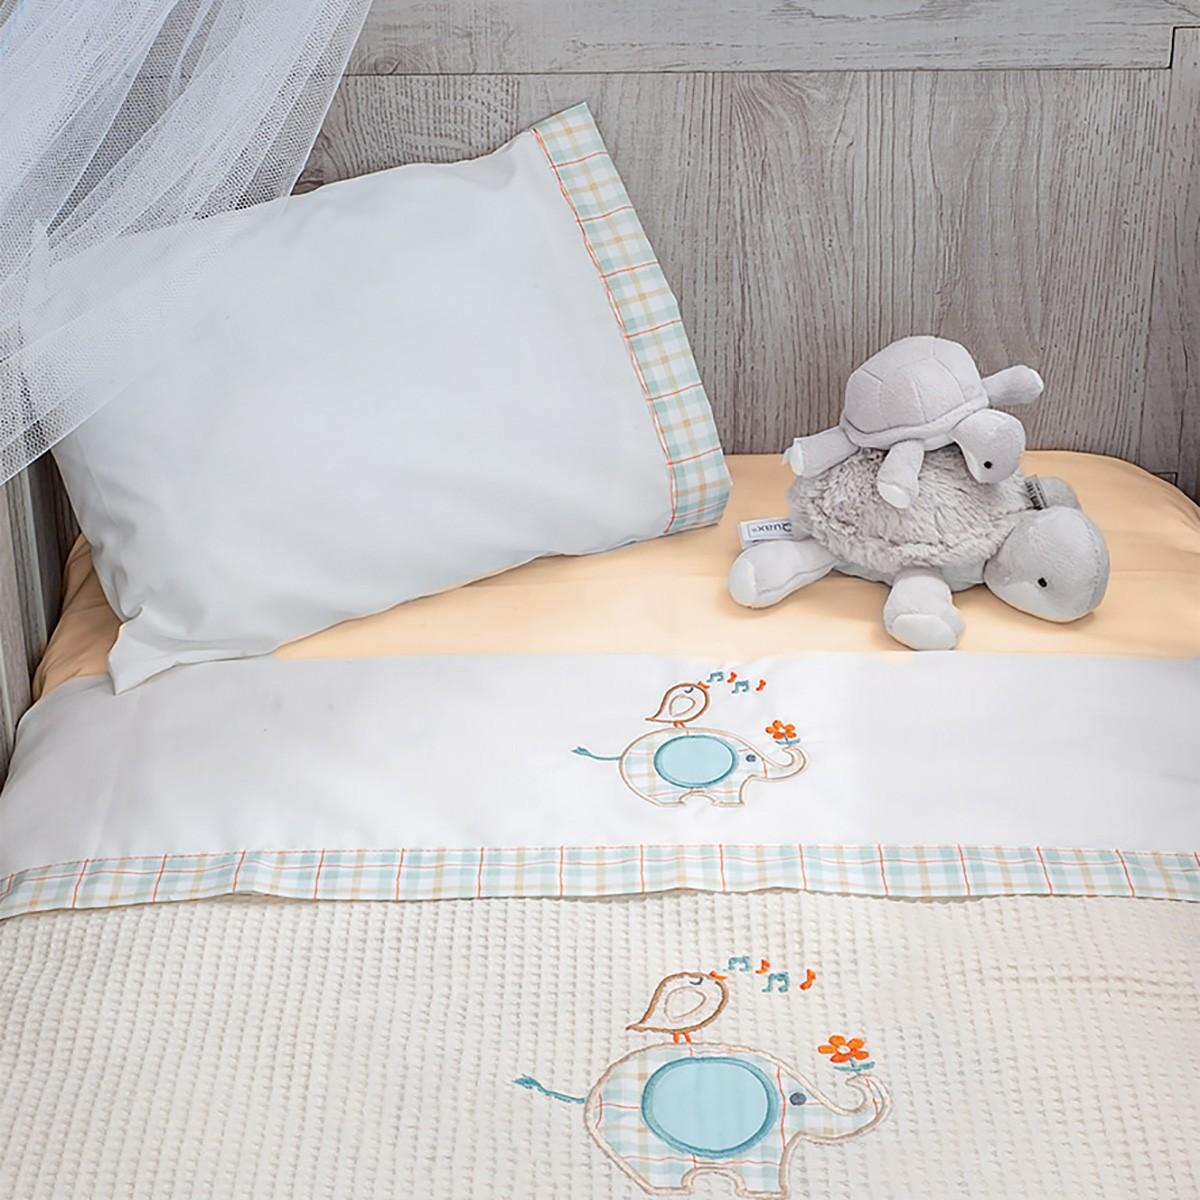 Σεντόνια Κούνιας (Σετ) Baby Oliver Elephant Des 140 home   βρεφικά   σεντόνια βρεφικά